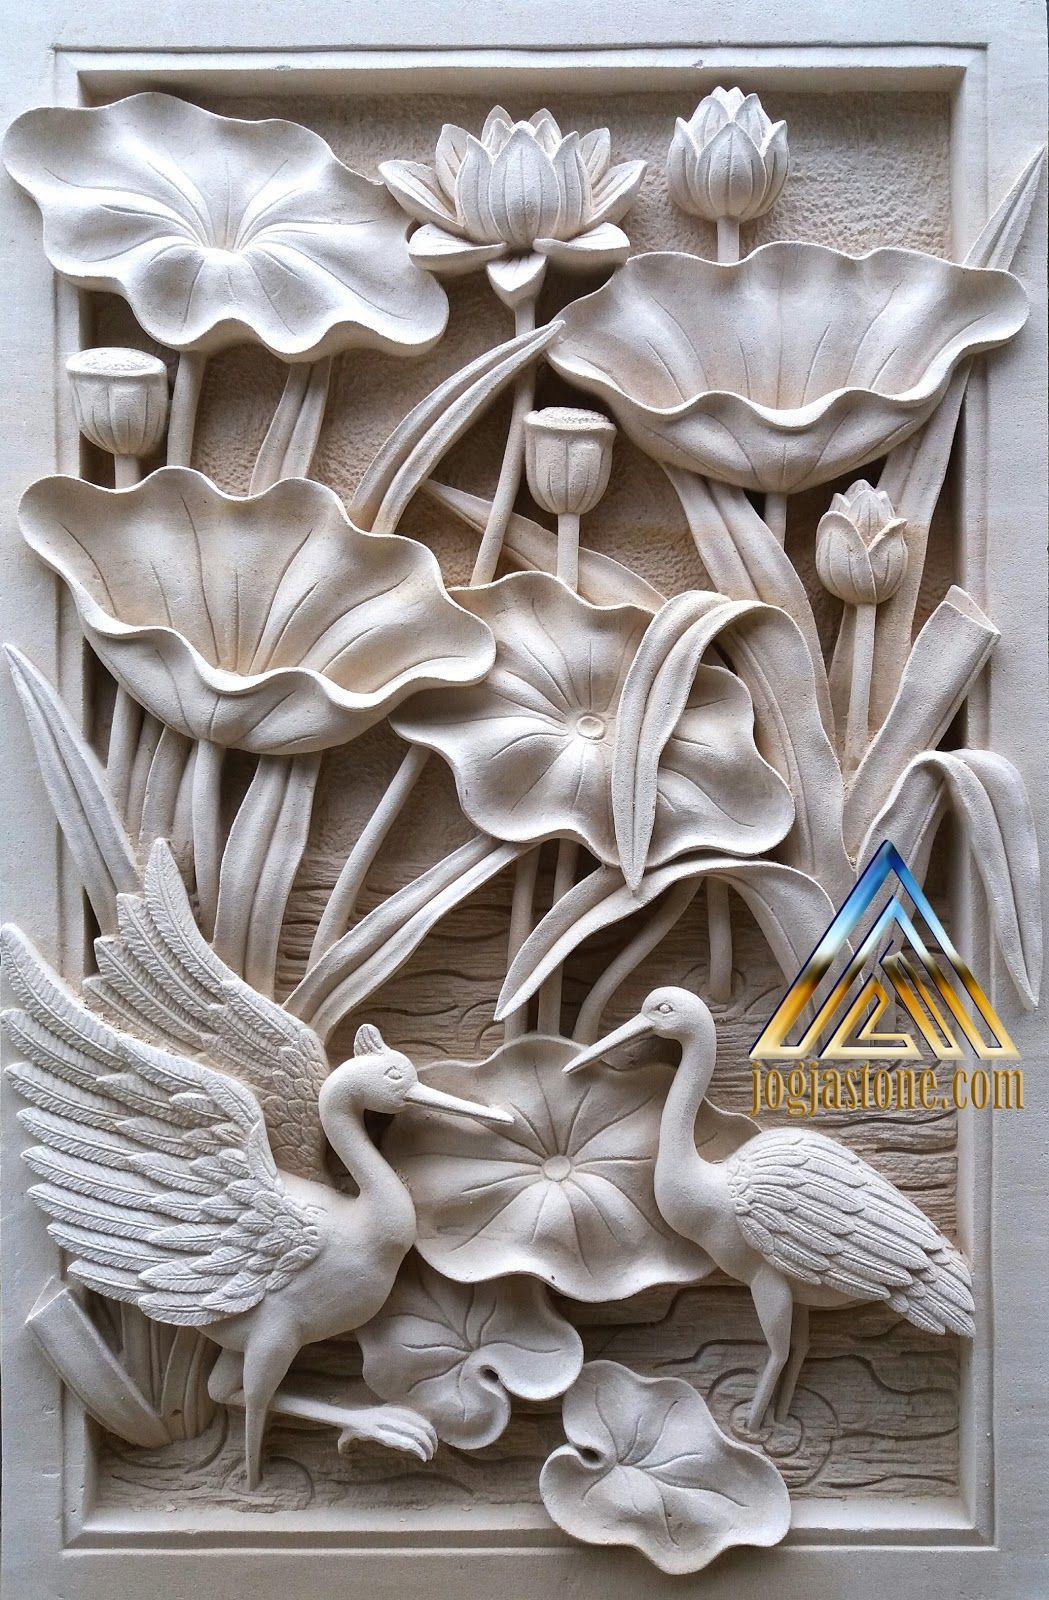 Sxetikh Eikona Favland Org Clay Wall Art Paper Art Sculpture Plaster Art